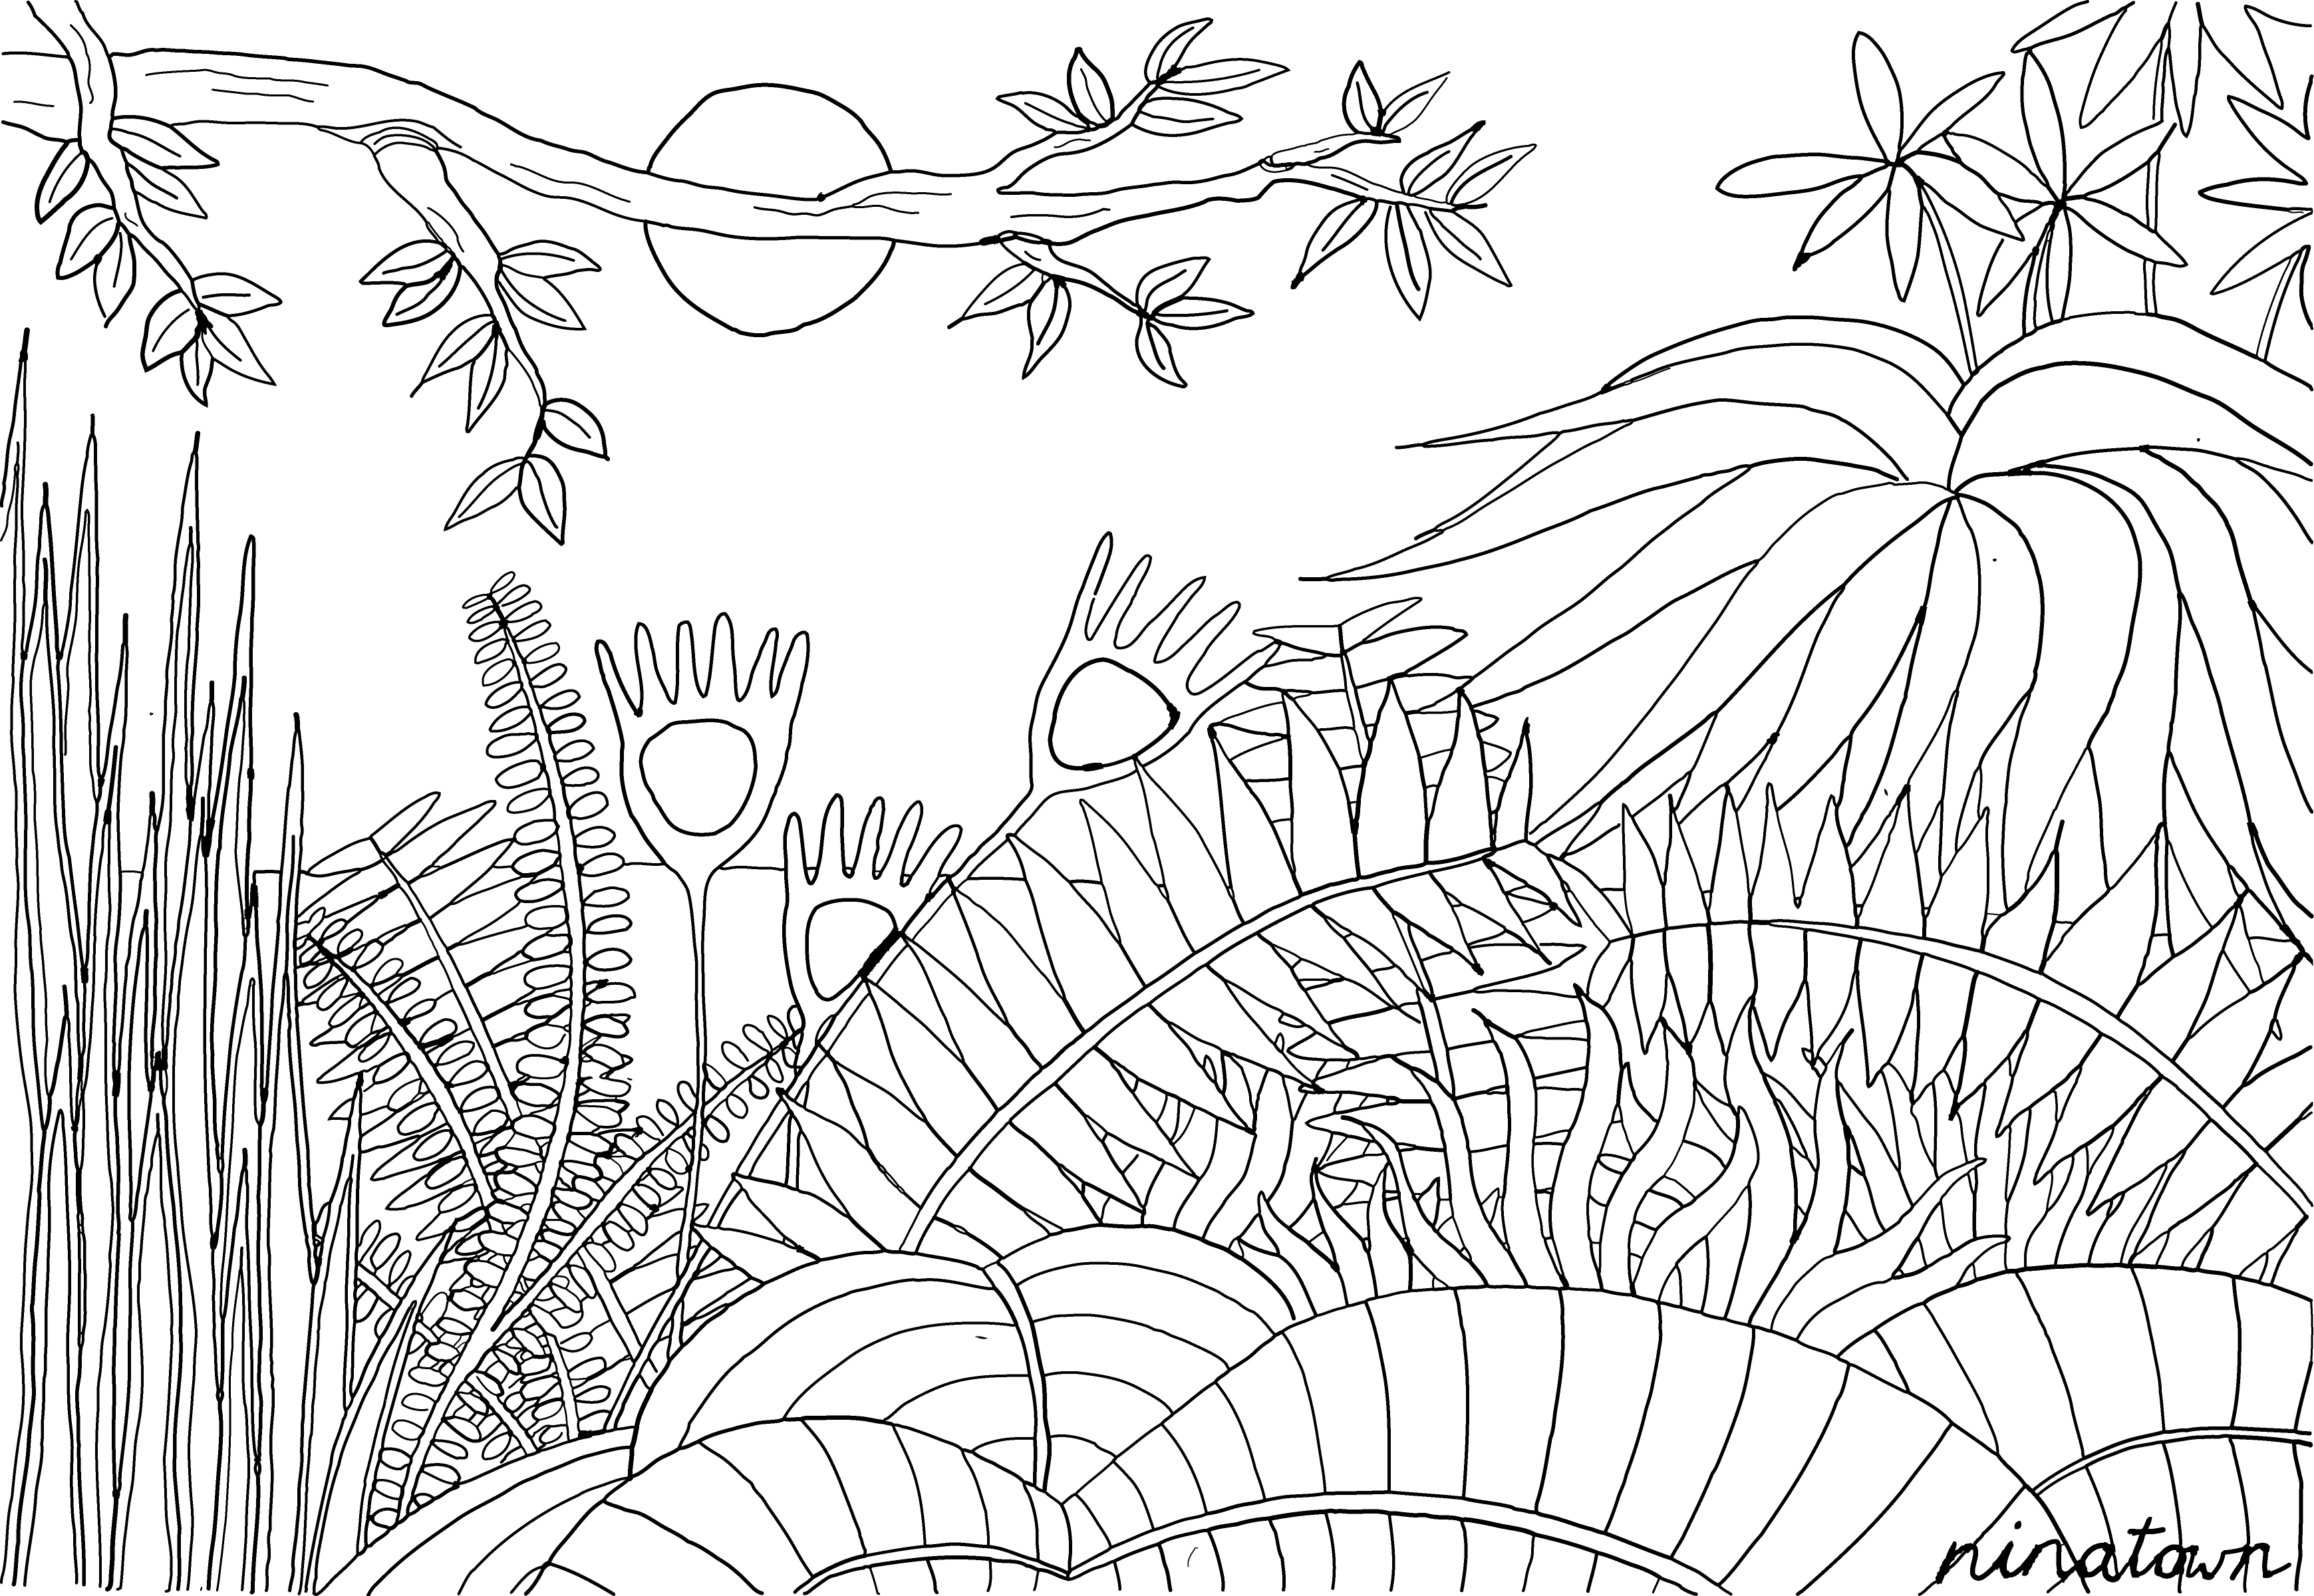 Kleurplaat Geinspireerd Op Het Werk Van Henri Rousseau Door Ninatown Henri Rousseau Jungle Art Jungle Illustration